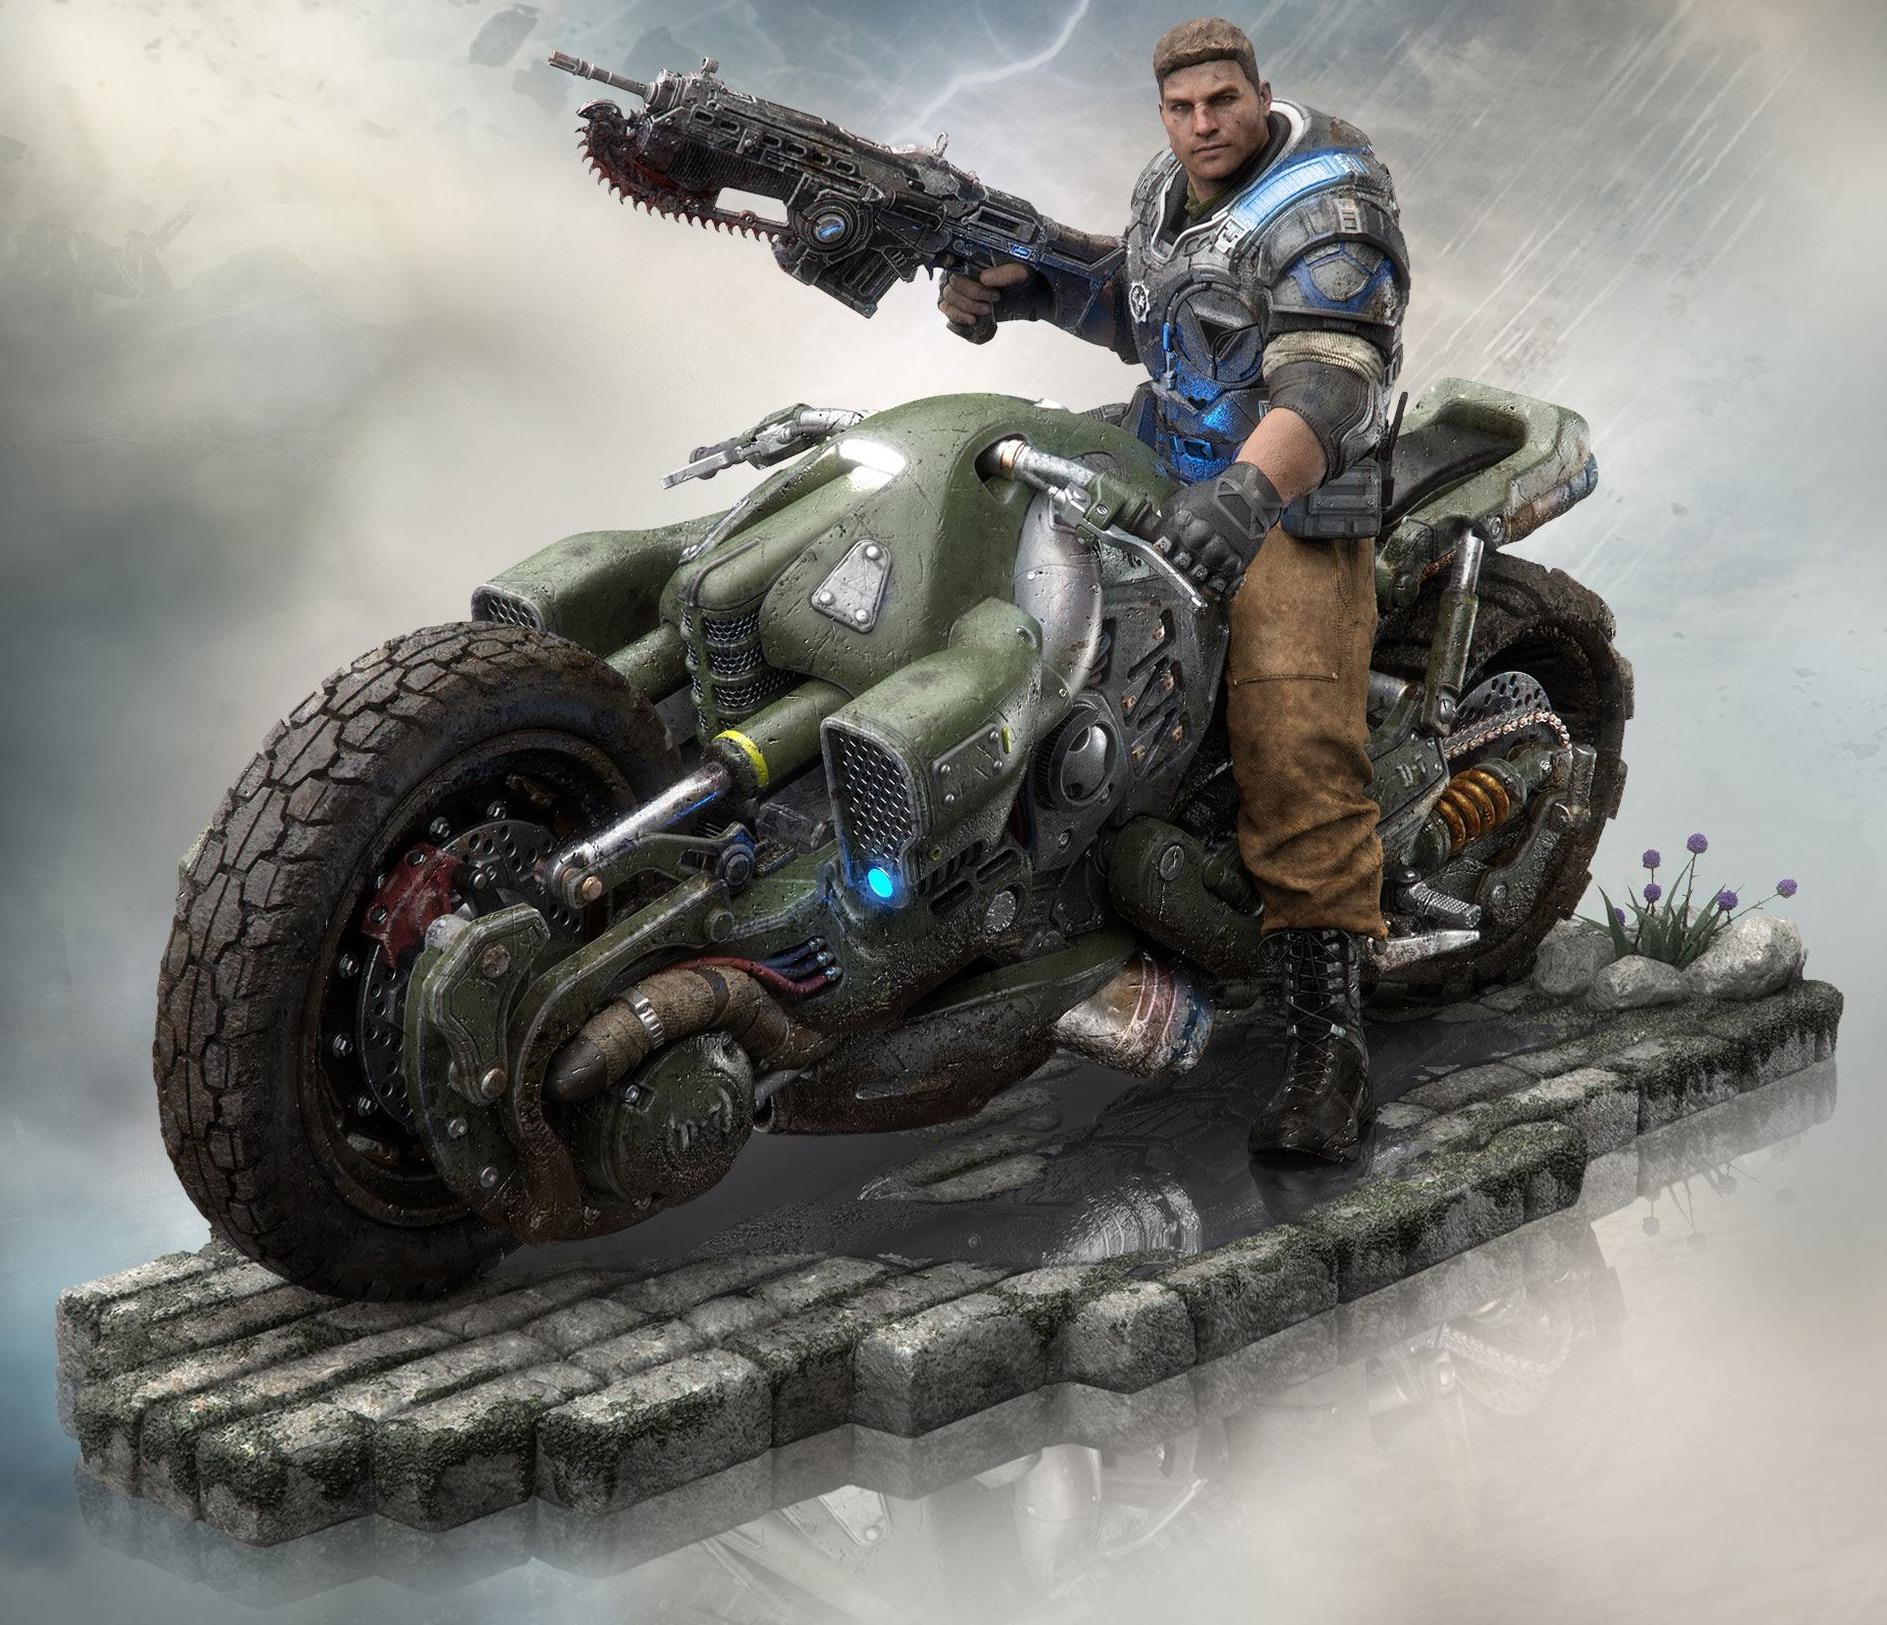 Figurka Gears of War 4 - JD Fenix (PC)